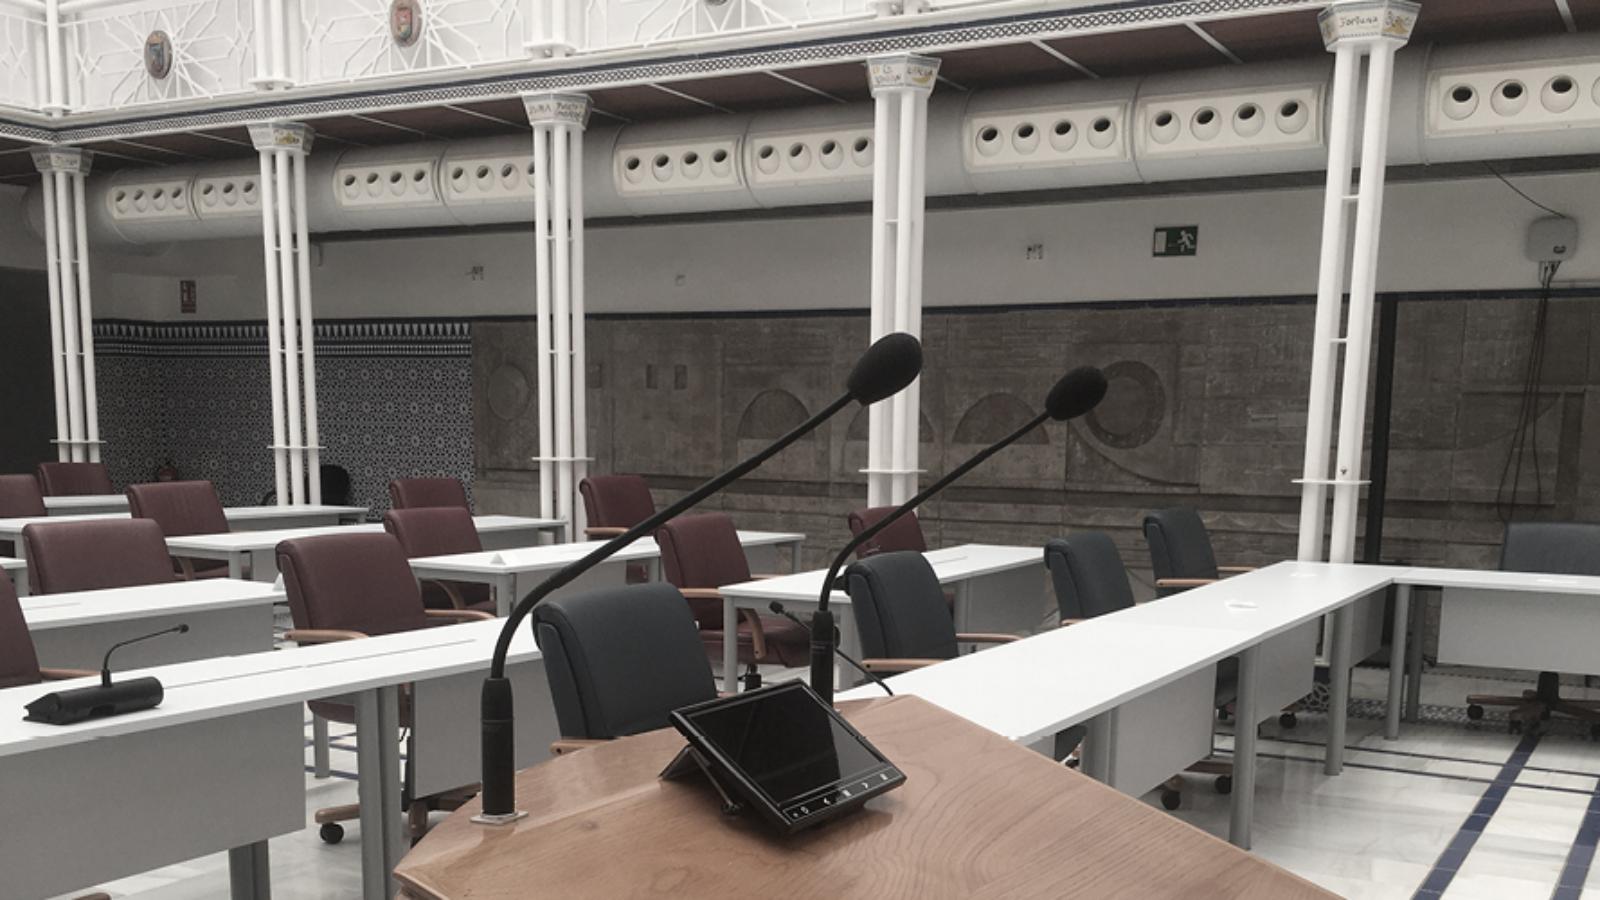 De Regionale Assemblee van Murcia in Spanje Kiest Microflex Complete Wireless ter Ondersteuning van Afstandsmaatregelen